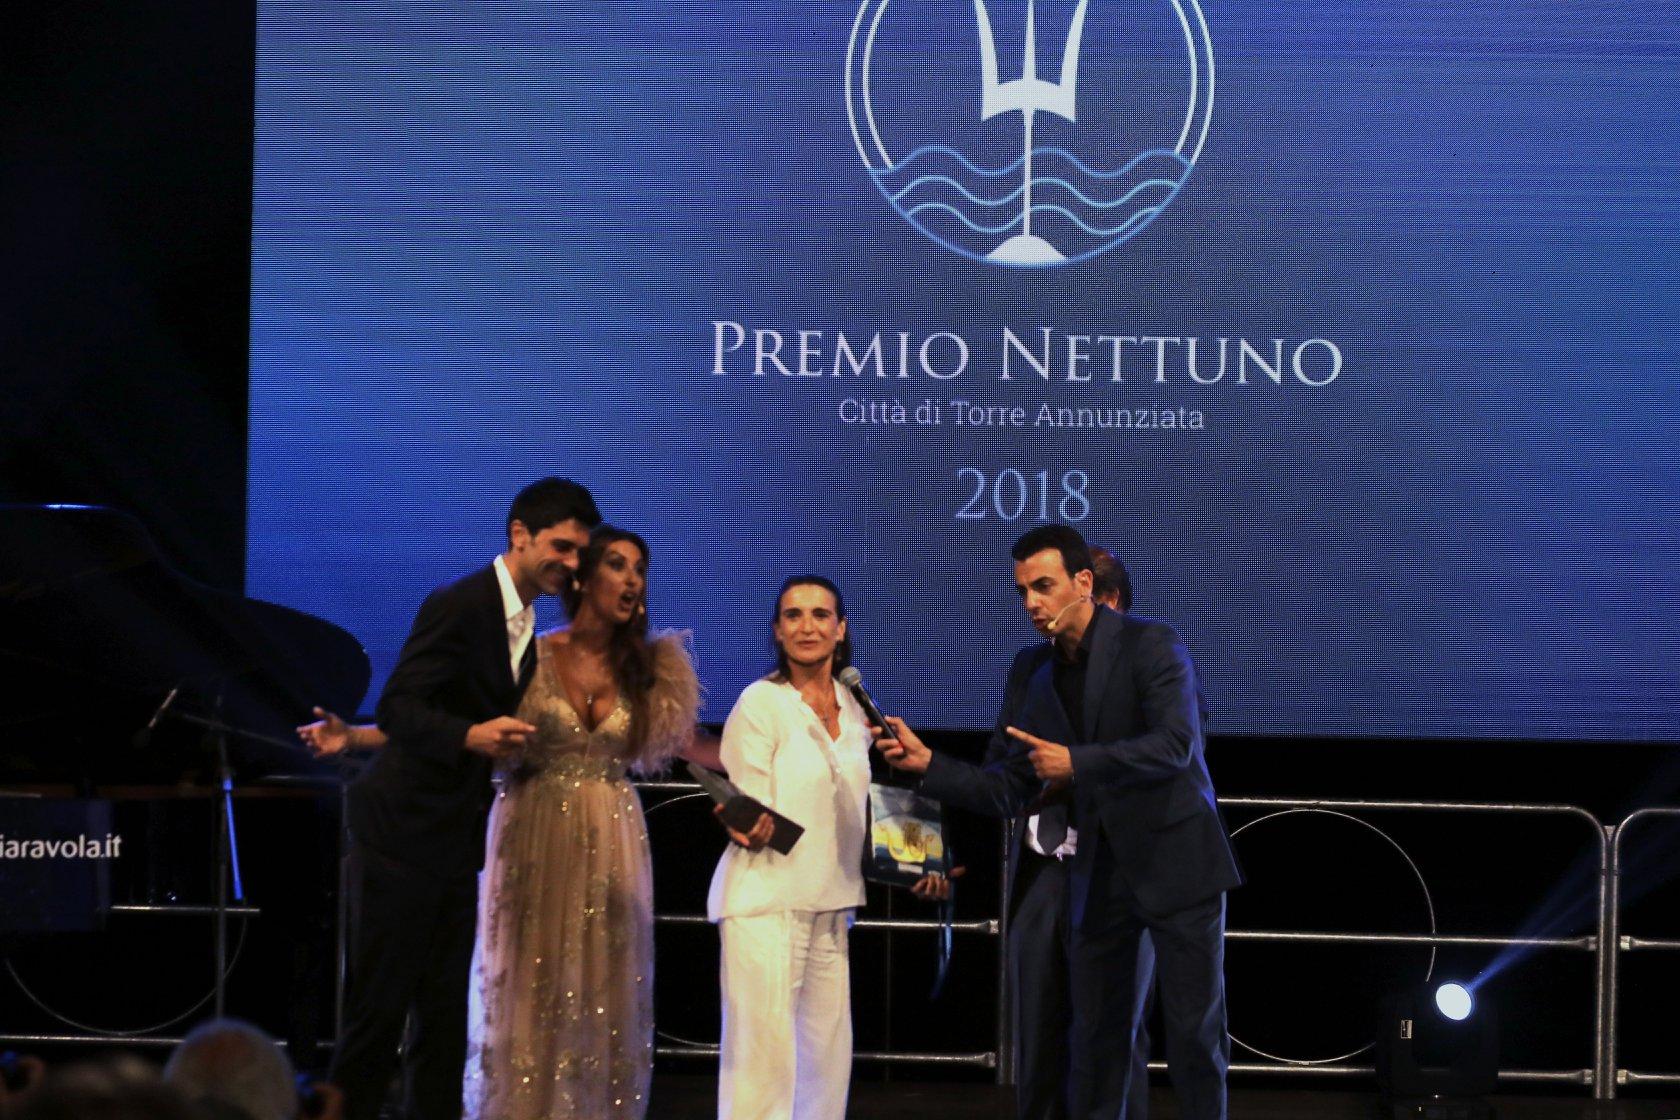 Premio Nettuno